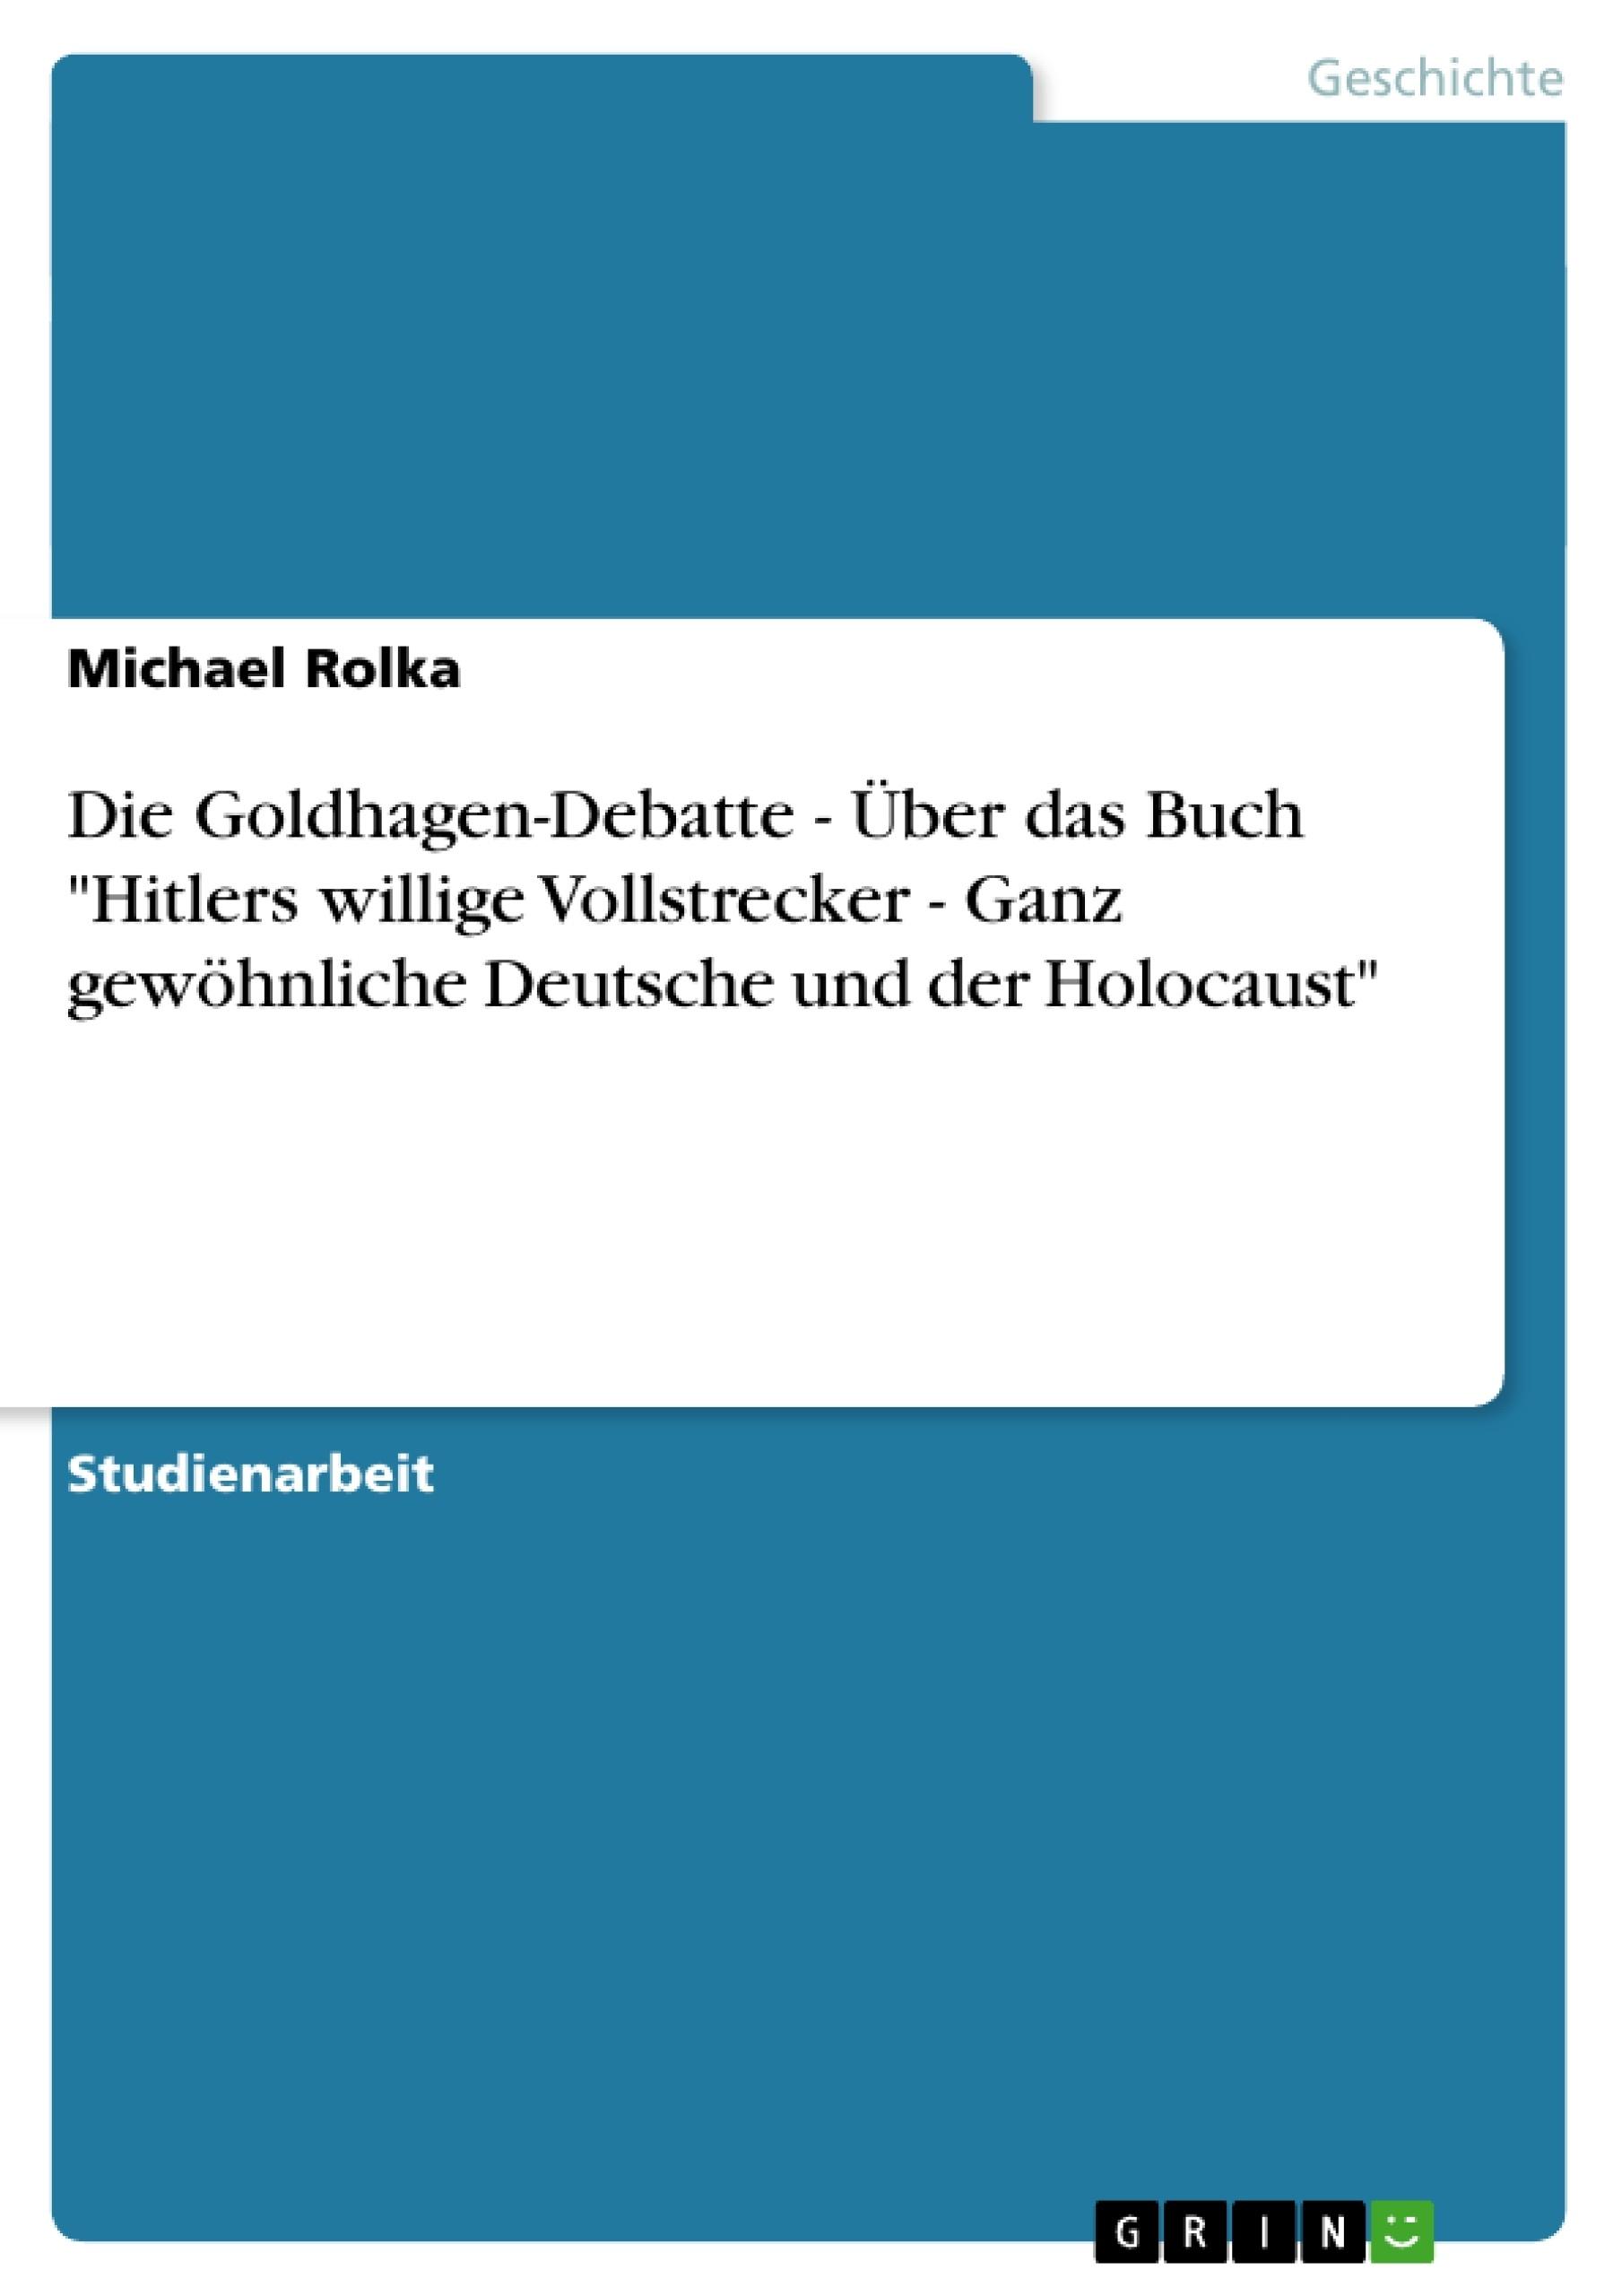 """Titel: Die Goldhagen-Debatte - Über das Buch """"Hitlers willige Vollstrecker - Ganz gewöhnliche Deutsche und der Holocaust"""""""